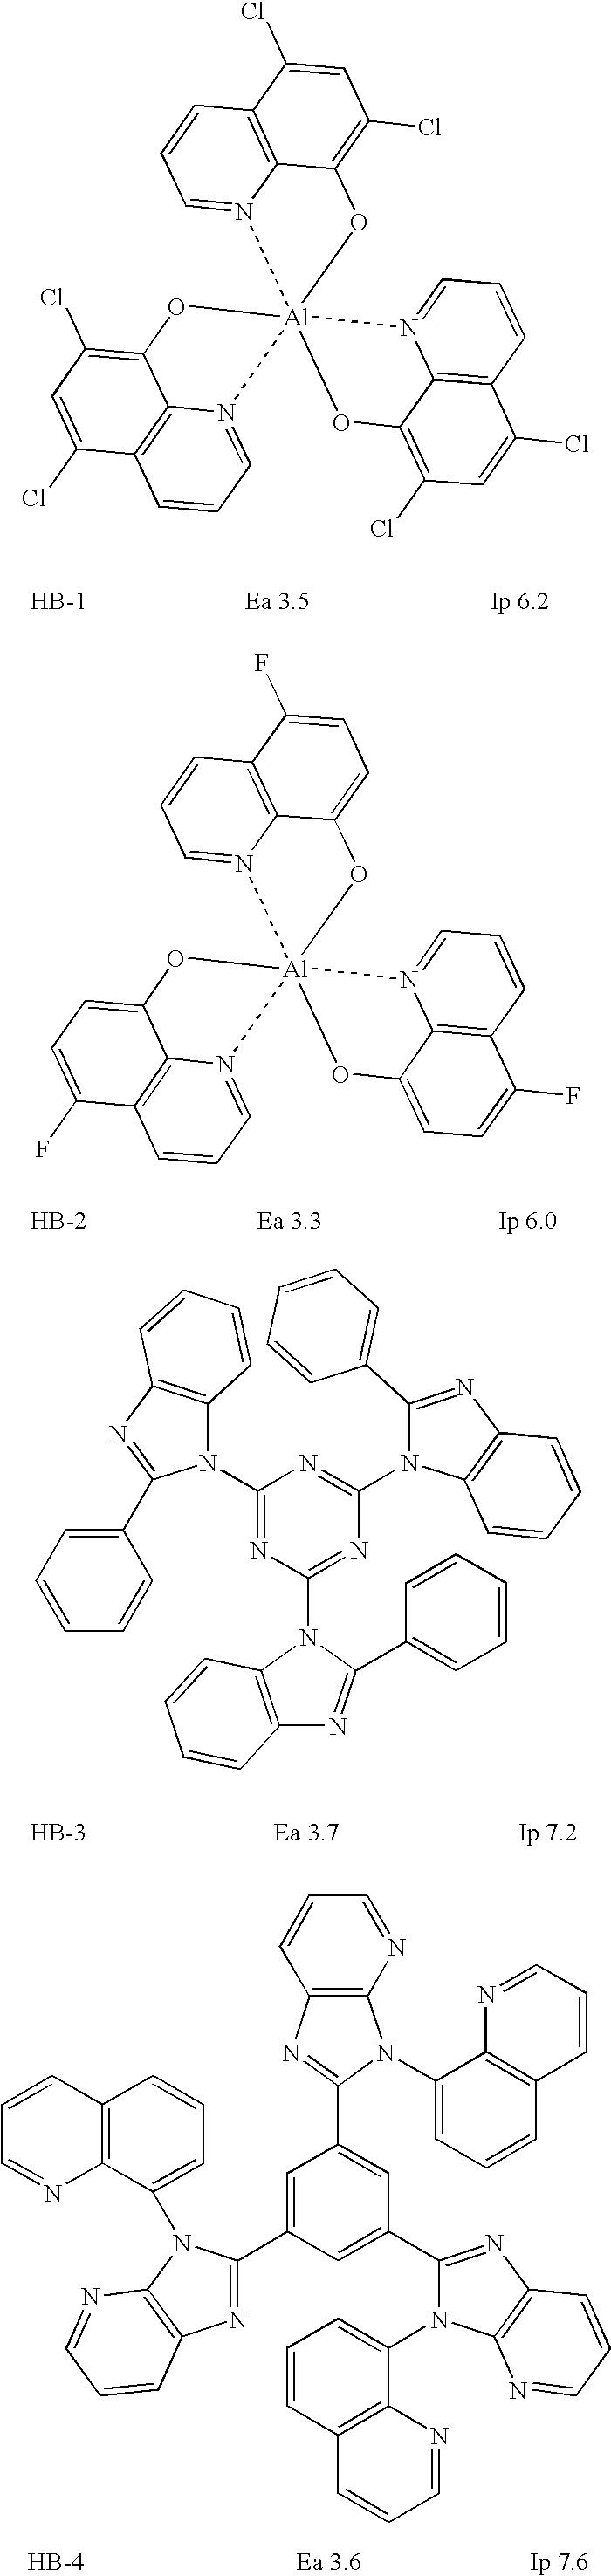 Figure US20070063156A1-20070322-C00001